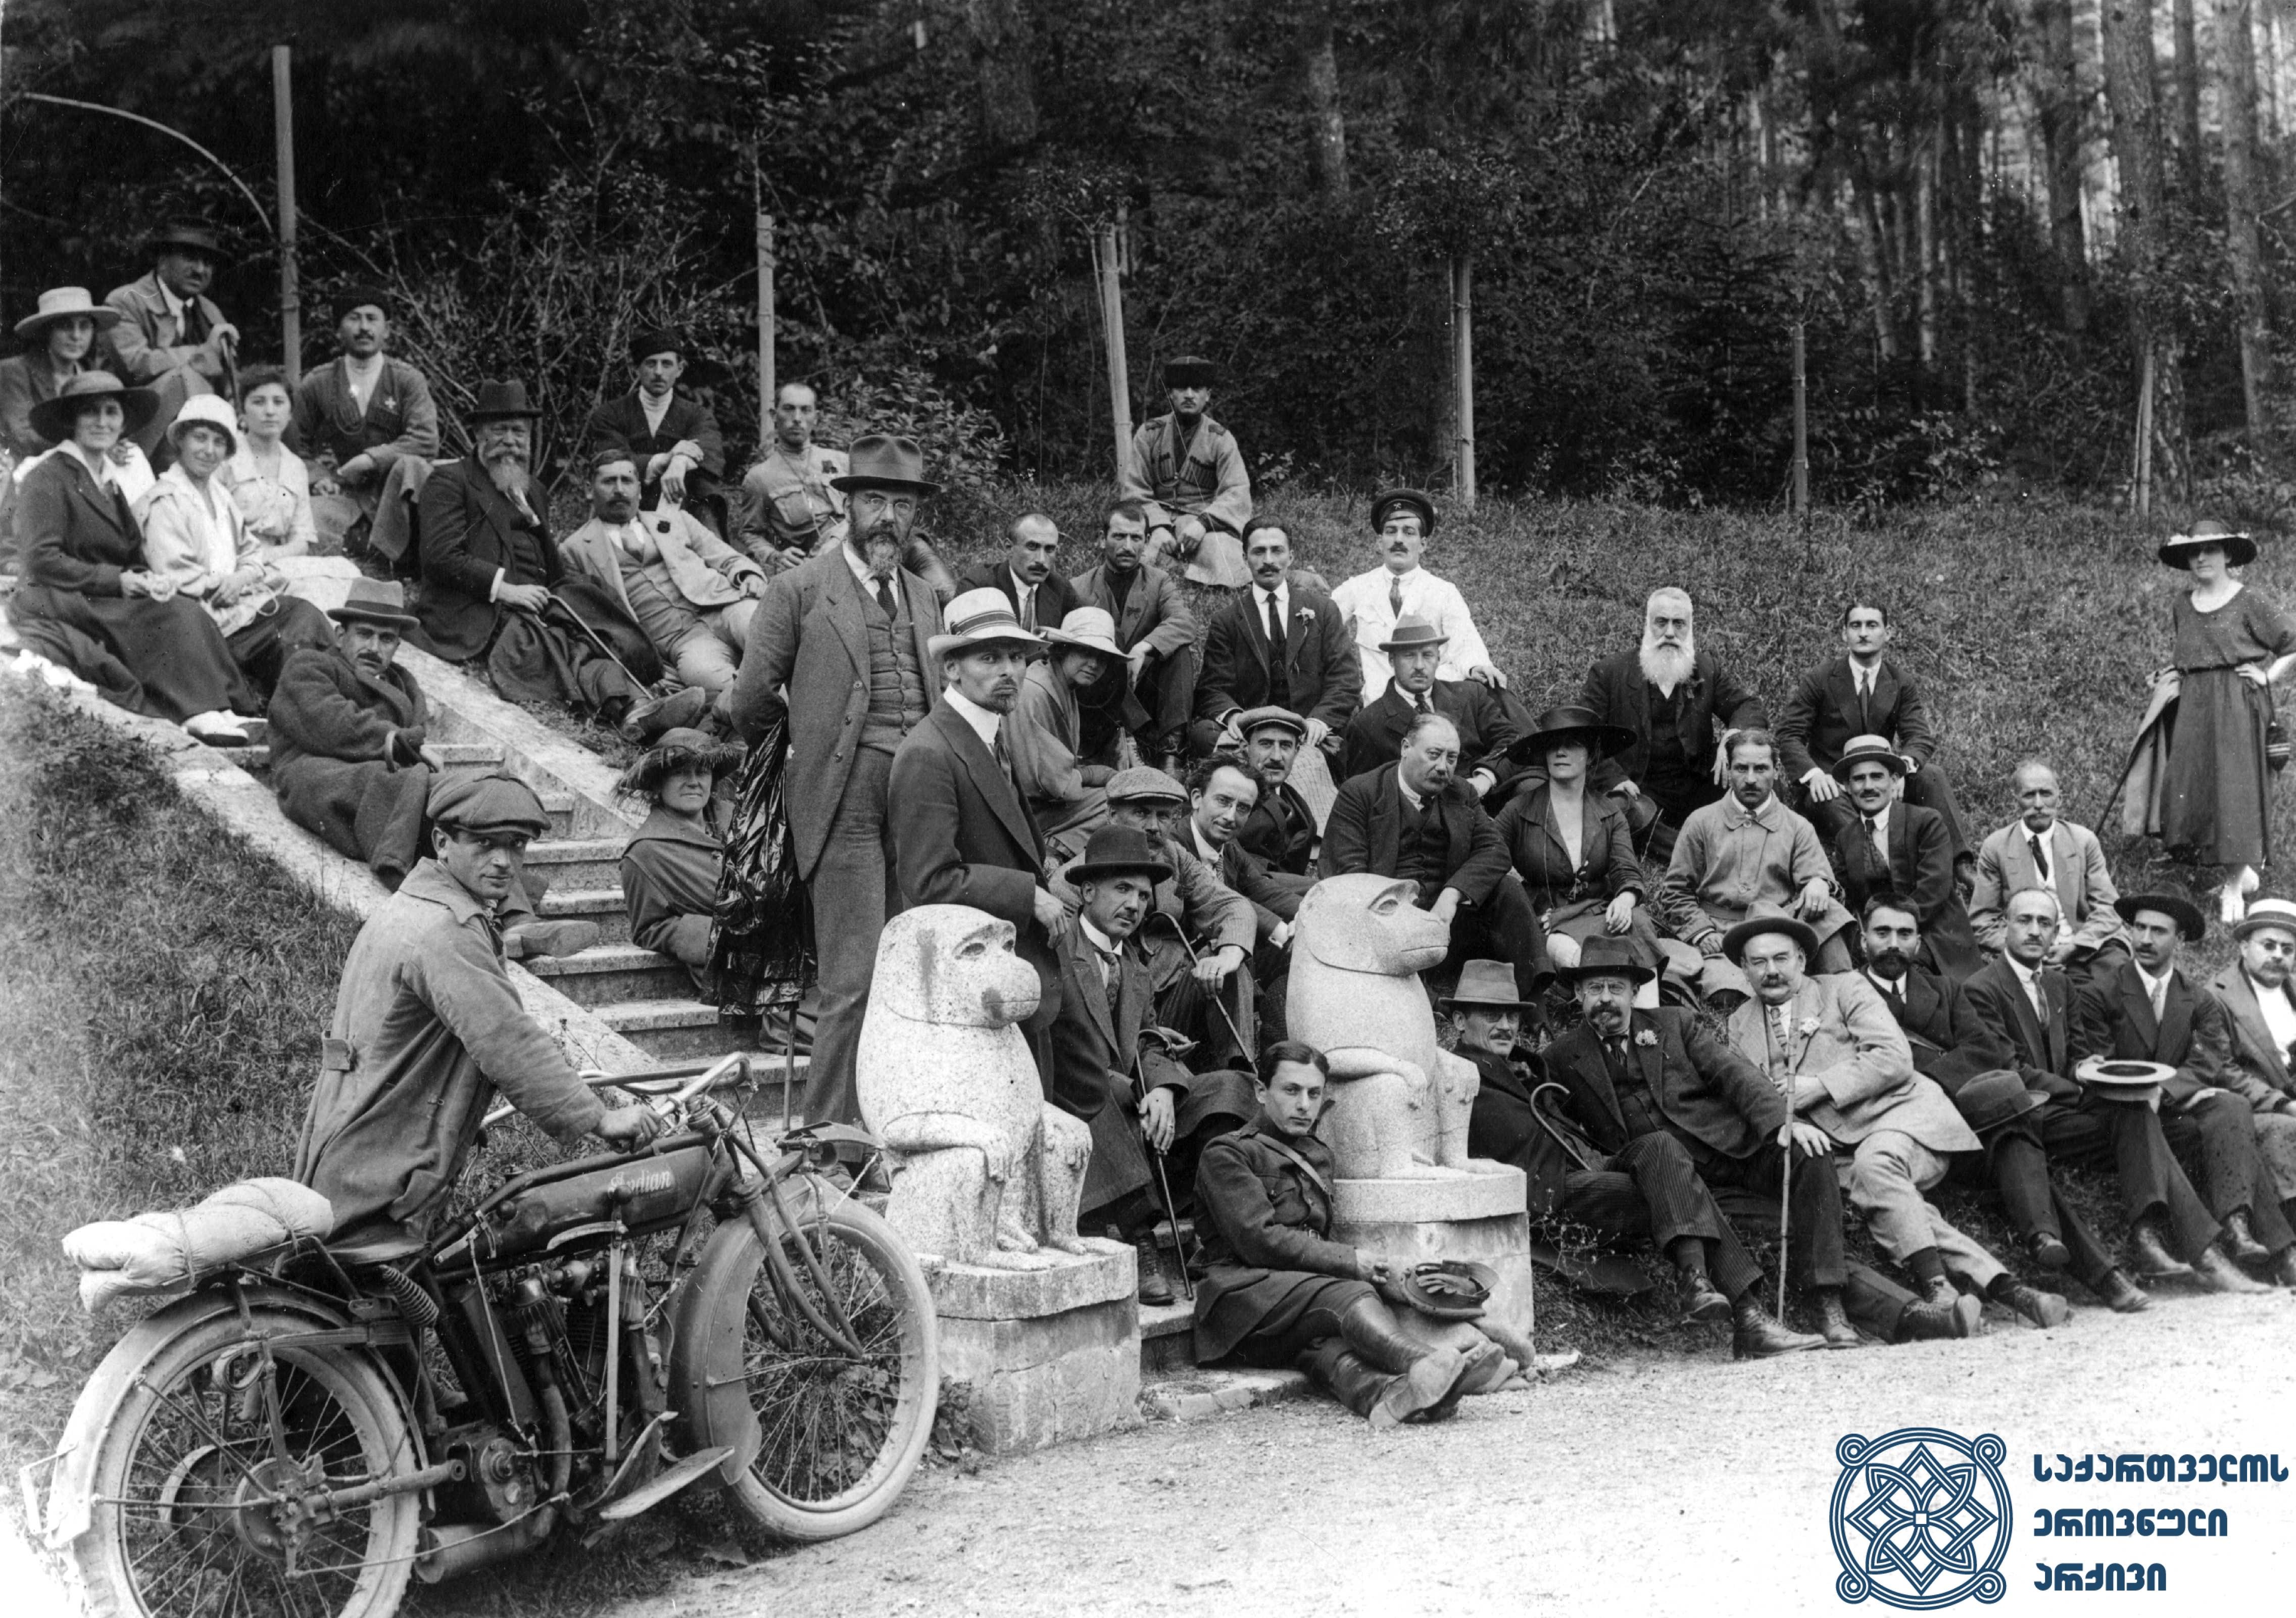 მეორე სოციალისტური ინტერნაციონალის წევრების ვიზიტი კახეთში. 1920 წლის სექტემბერი. <br> Visit of the members of the Second Socialist International to Kakheti. September 1920.